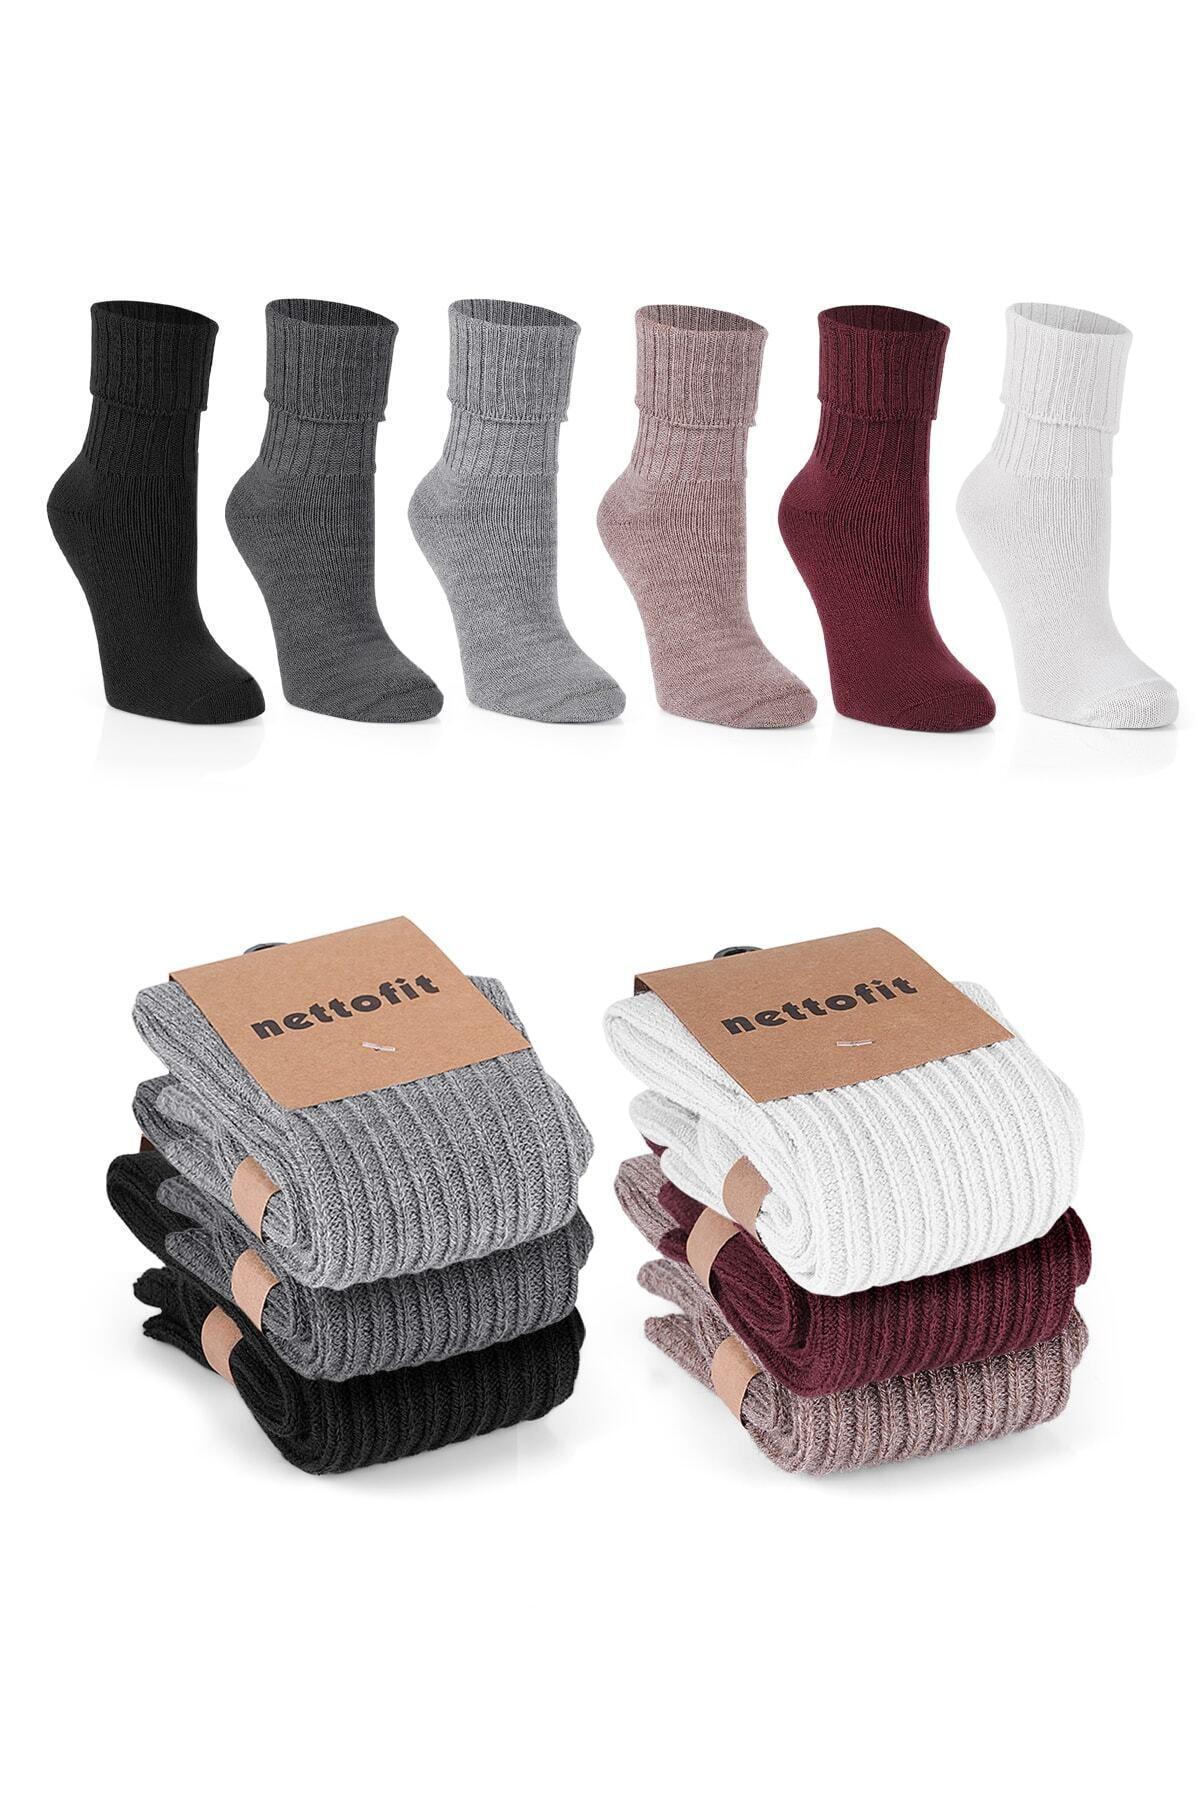 6'lı Kadın Yünlü Uyku Çorabı Soft Touch